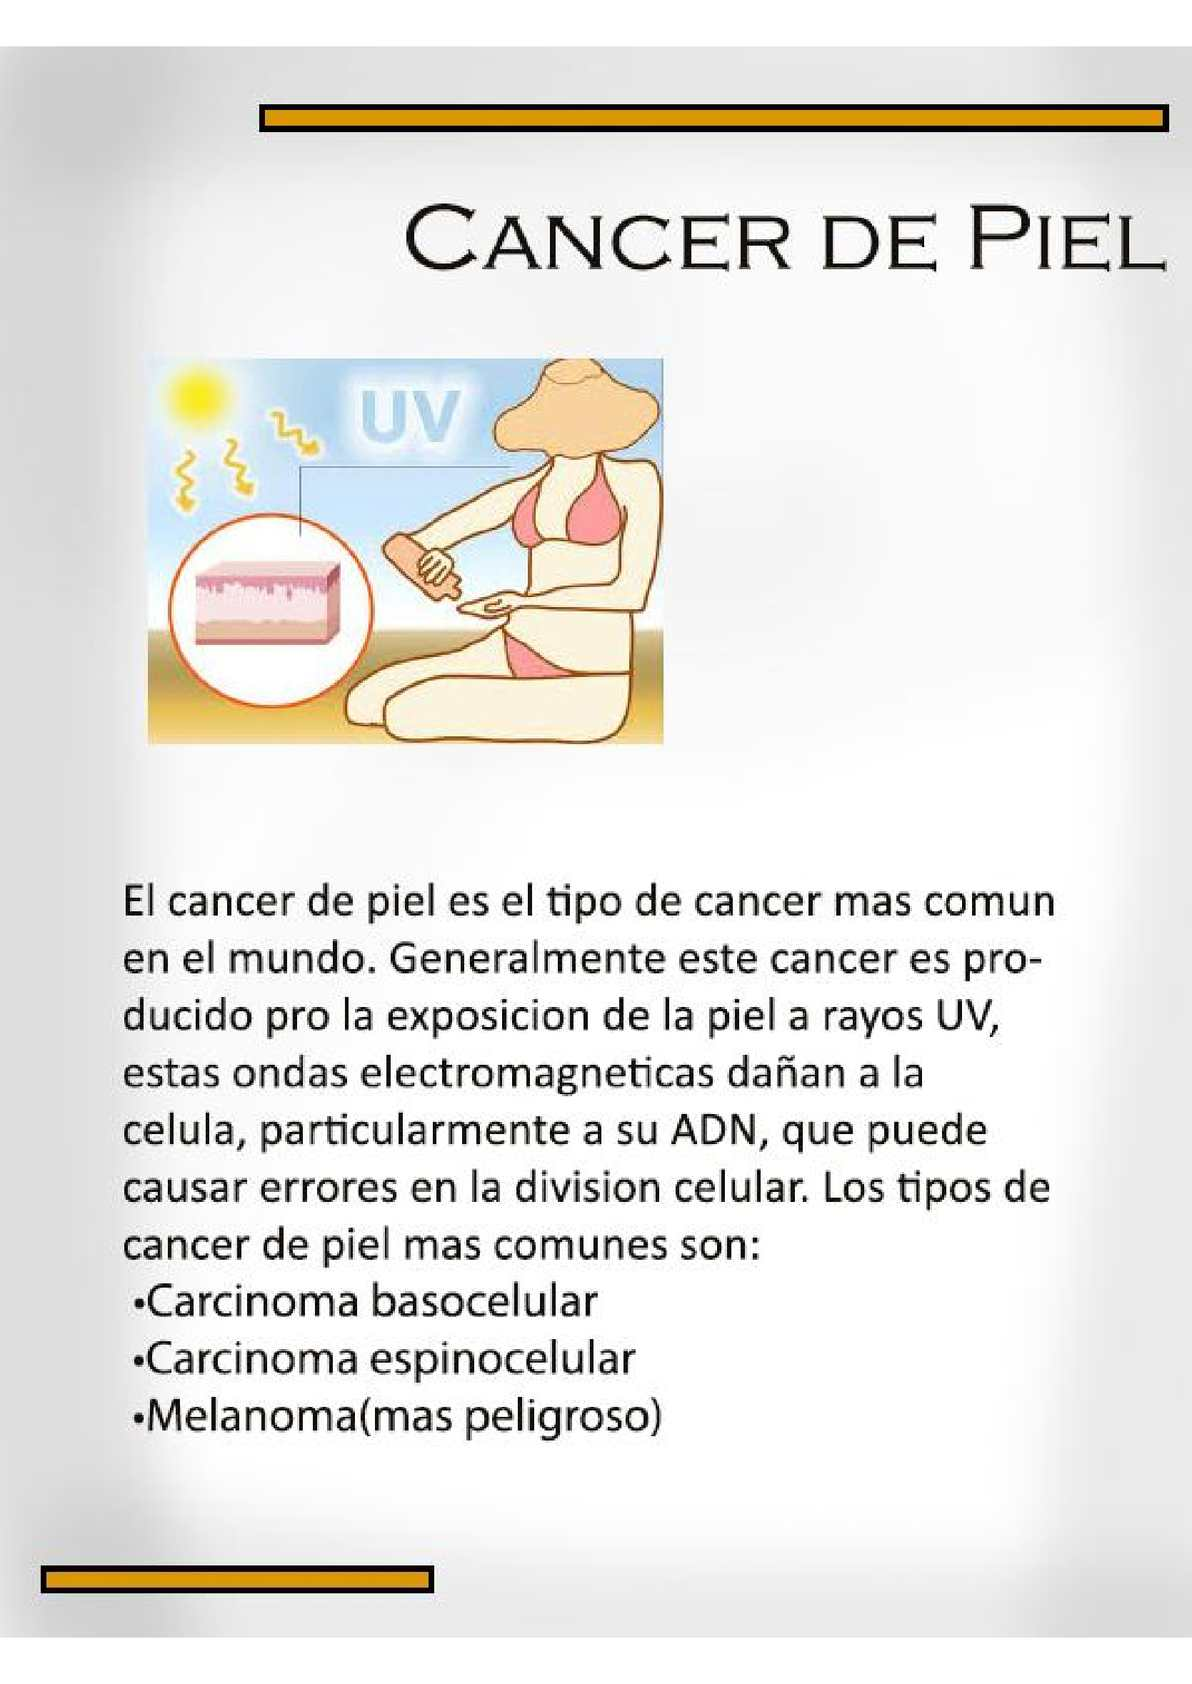 que cancer es mas frecuente